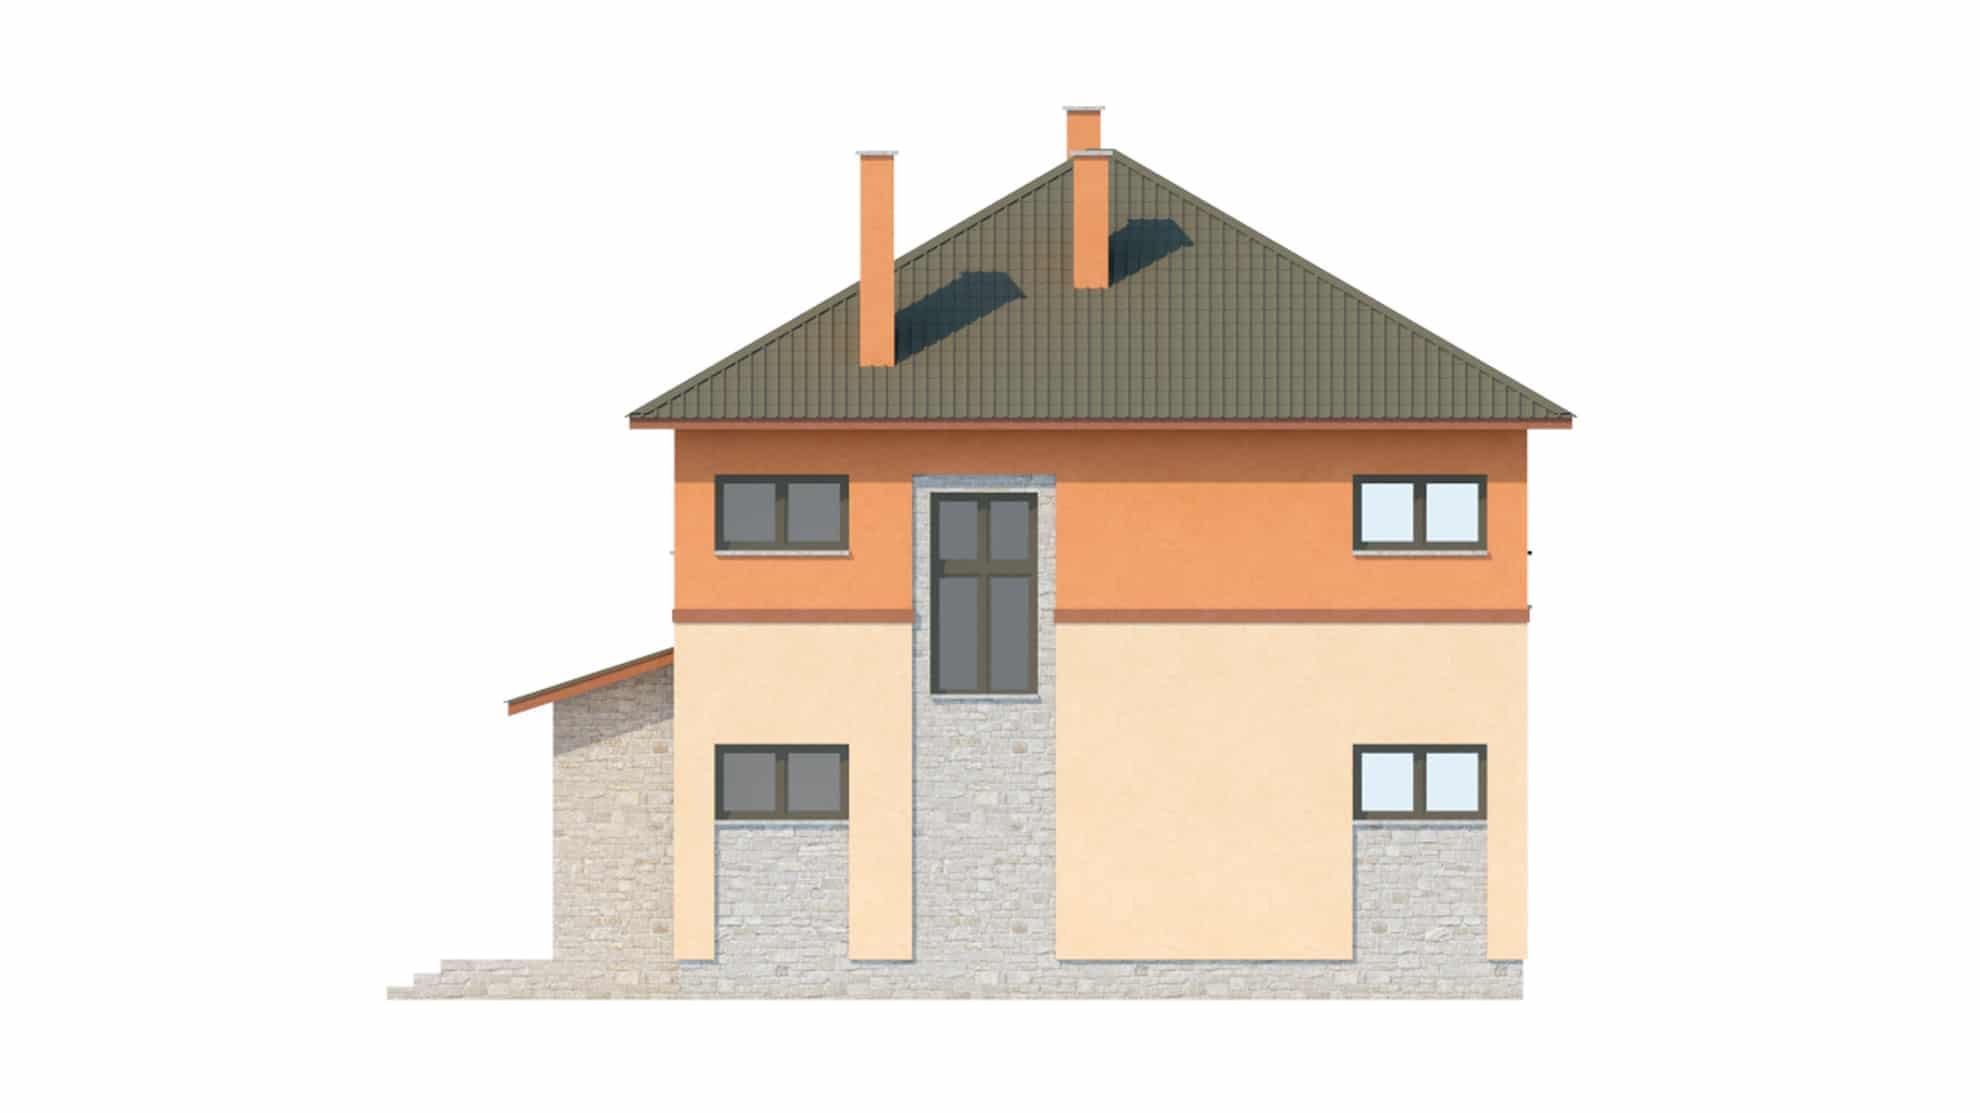 Фасад двухэтажного дома с подвалом и верандой «КД-19» - справа